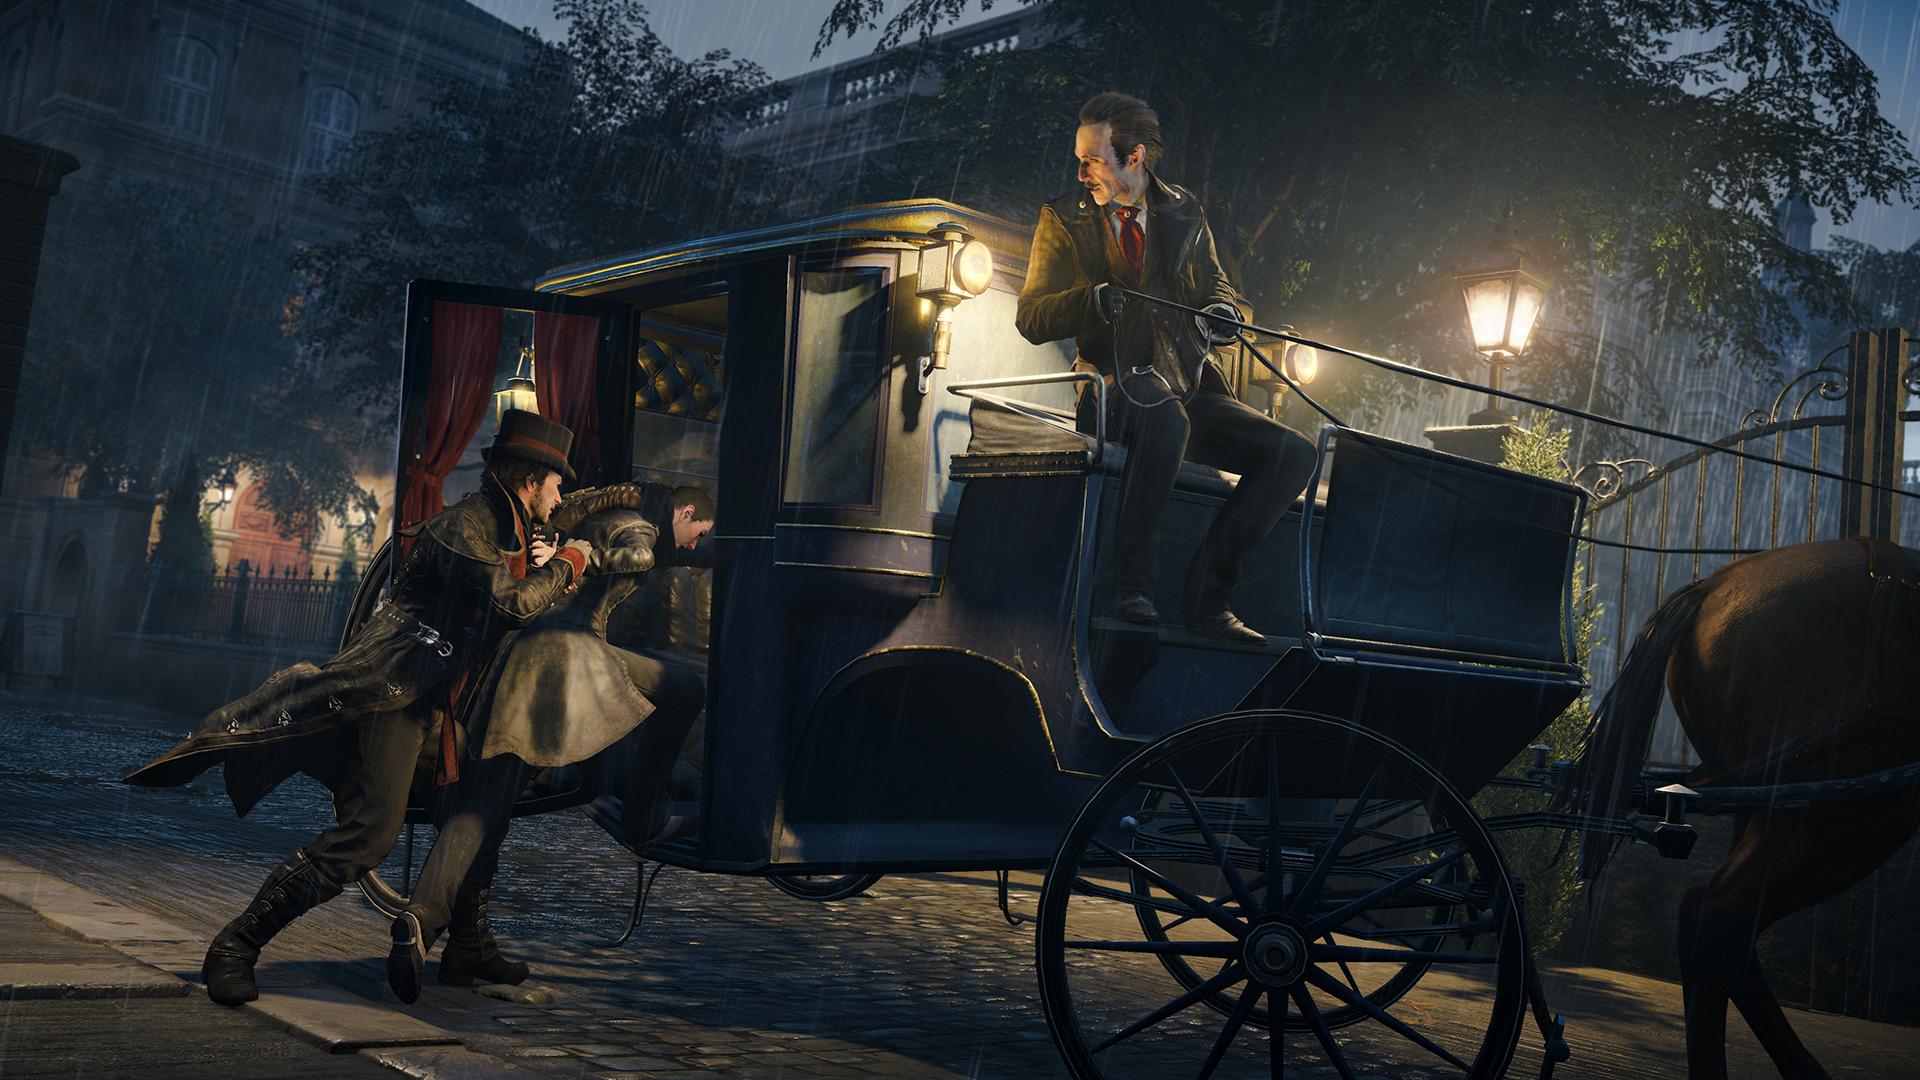 Assassin's Creed: Syndicate – Londýne třes se, dvojčata dorazila 114317